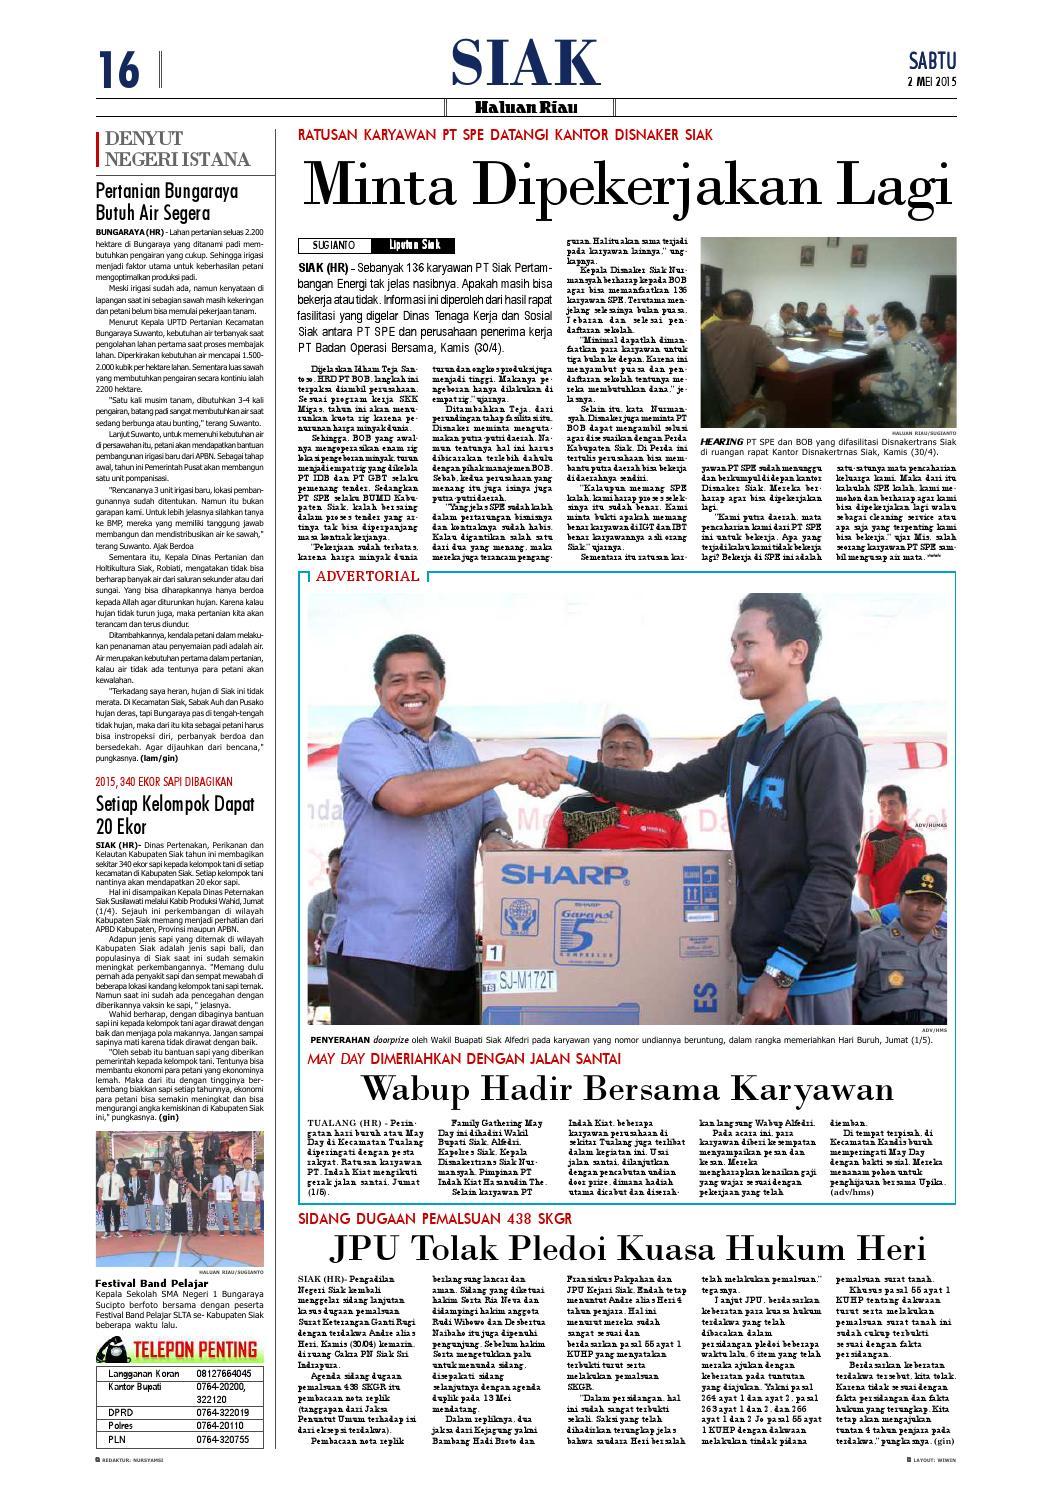 Haluanriau 15 15 15 by Haluan Riau   issuu